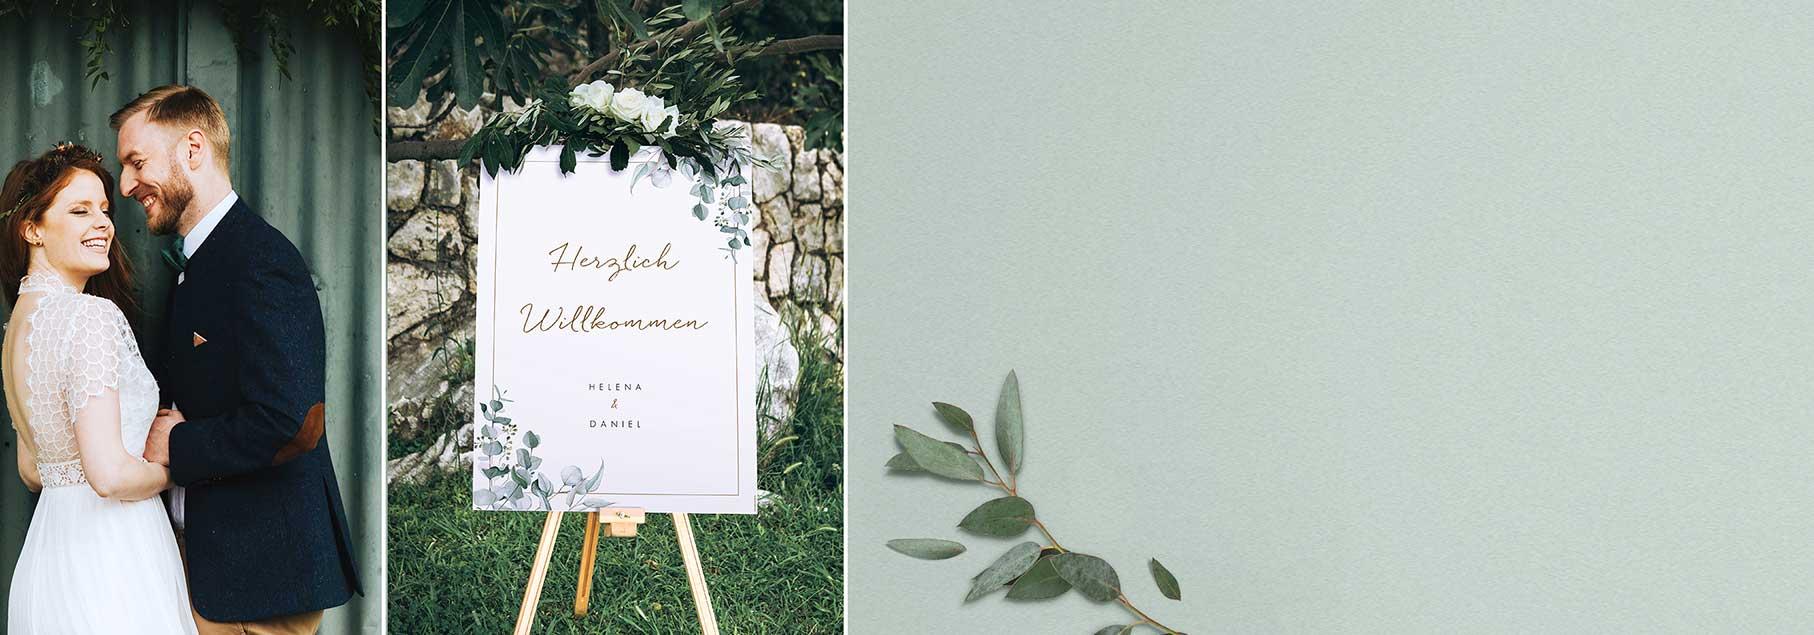 Willkommensschild zur Hochzeit